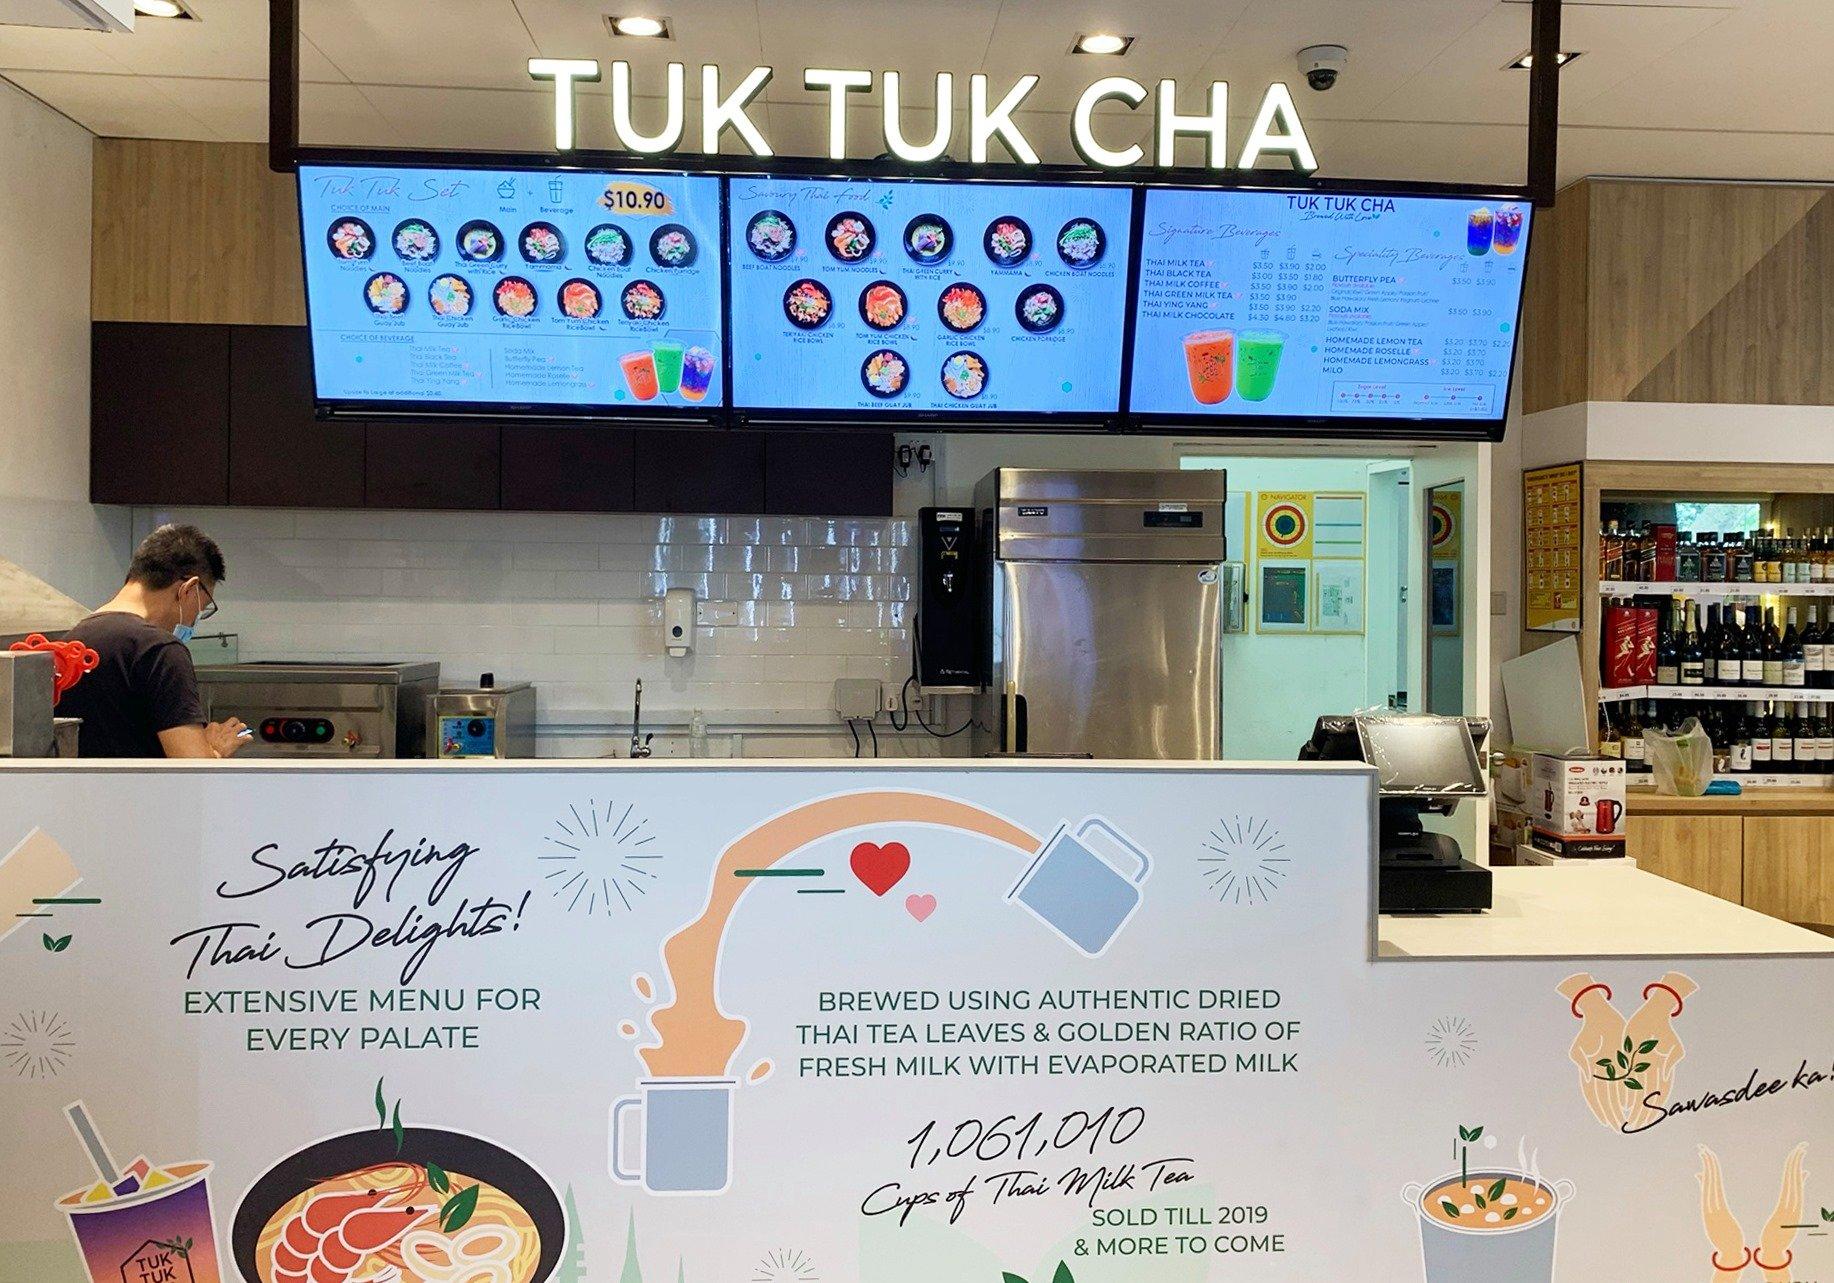 tuk tuk cha kiosk at yishun